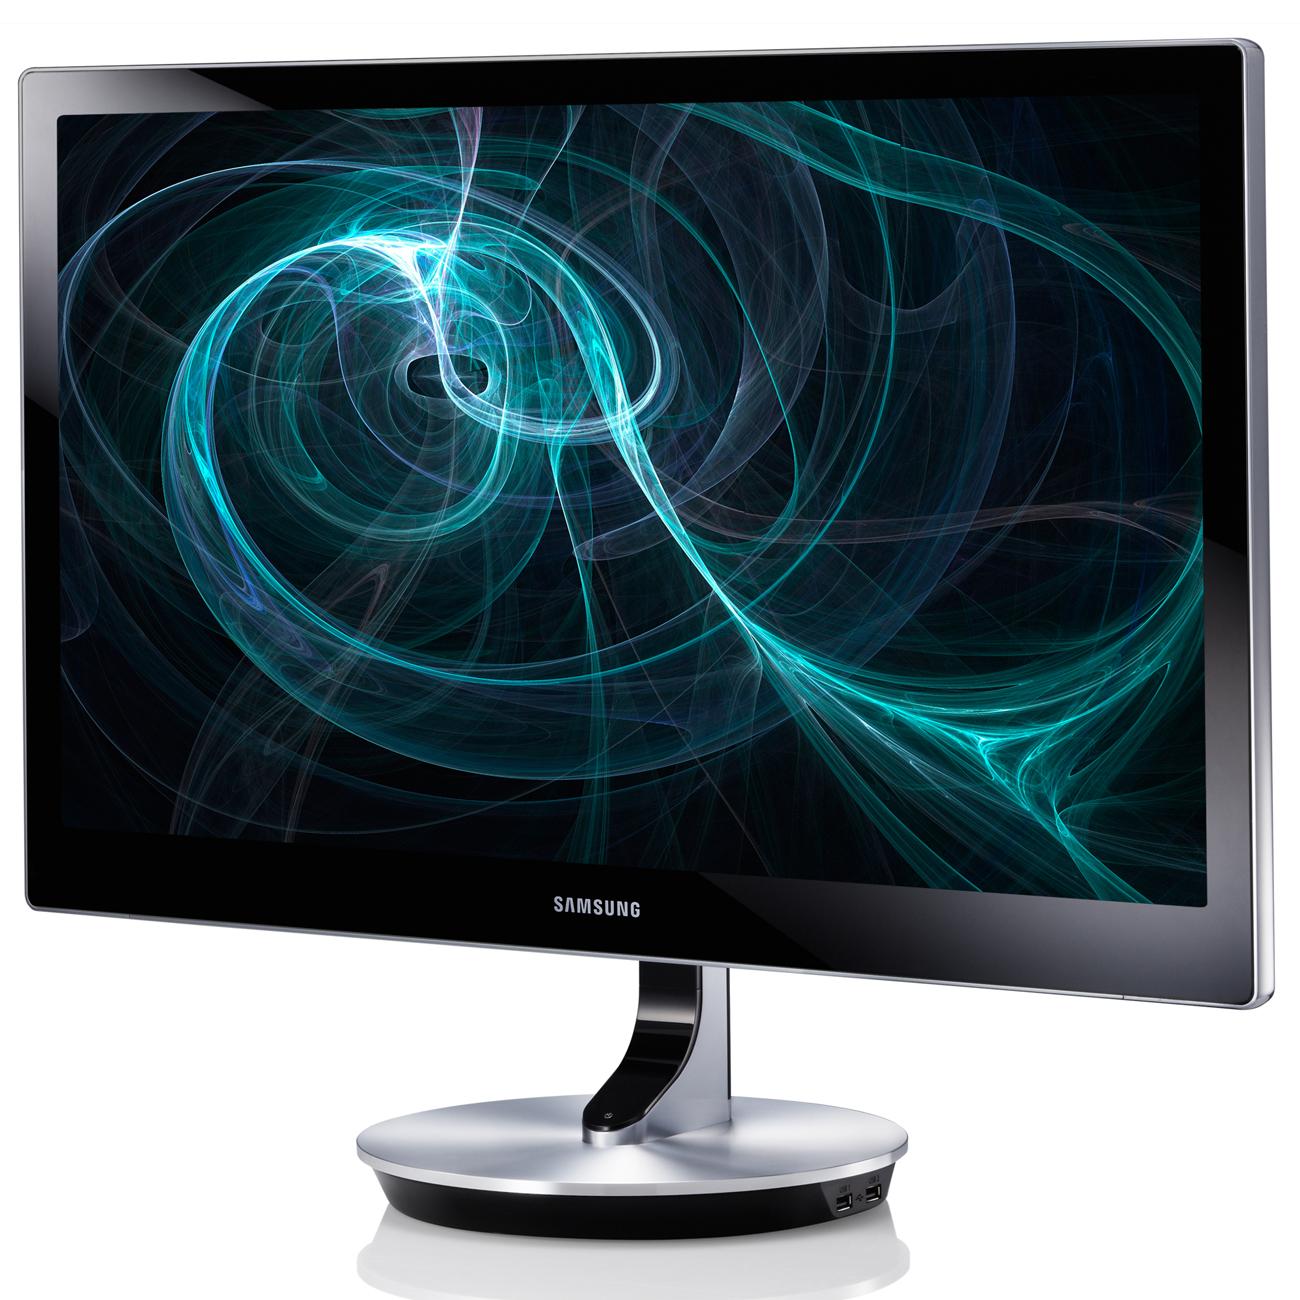 samsung 27 led syncmaster s27b970d ecran pc samsung. Black Bedroom Furniture Sets. Home Design Ideas